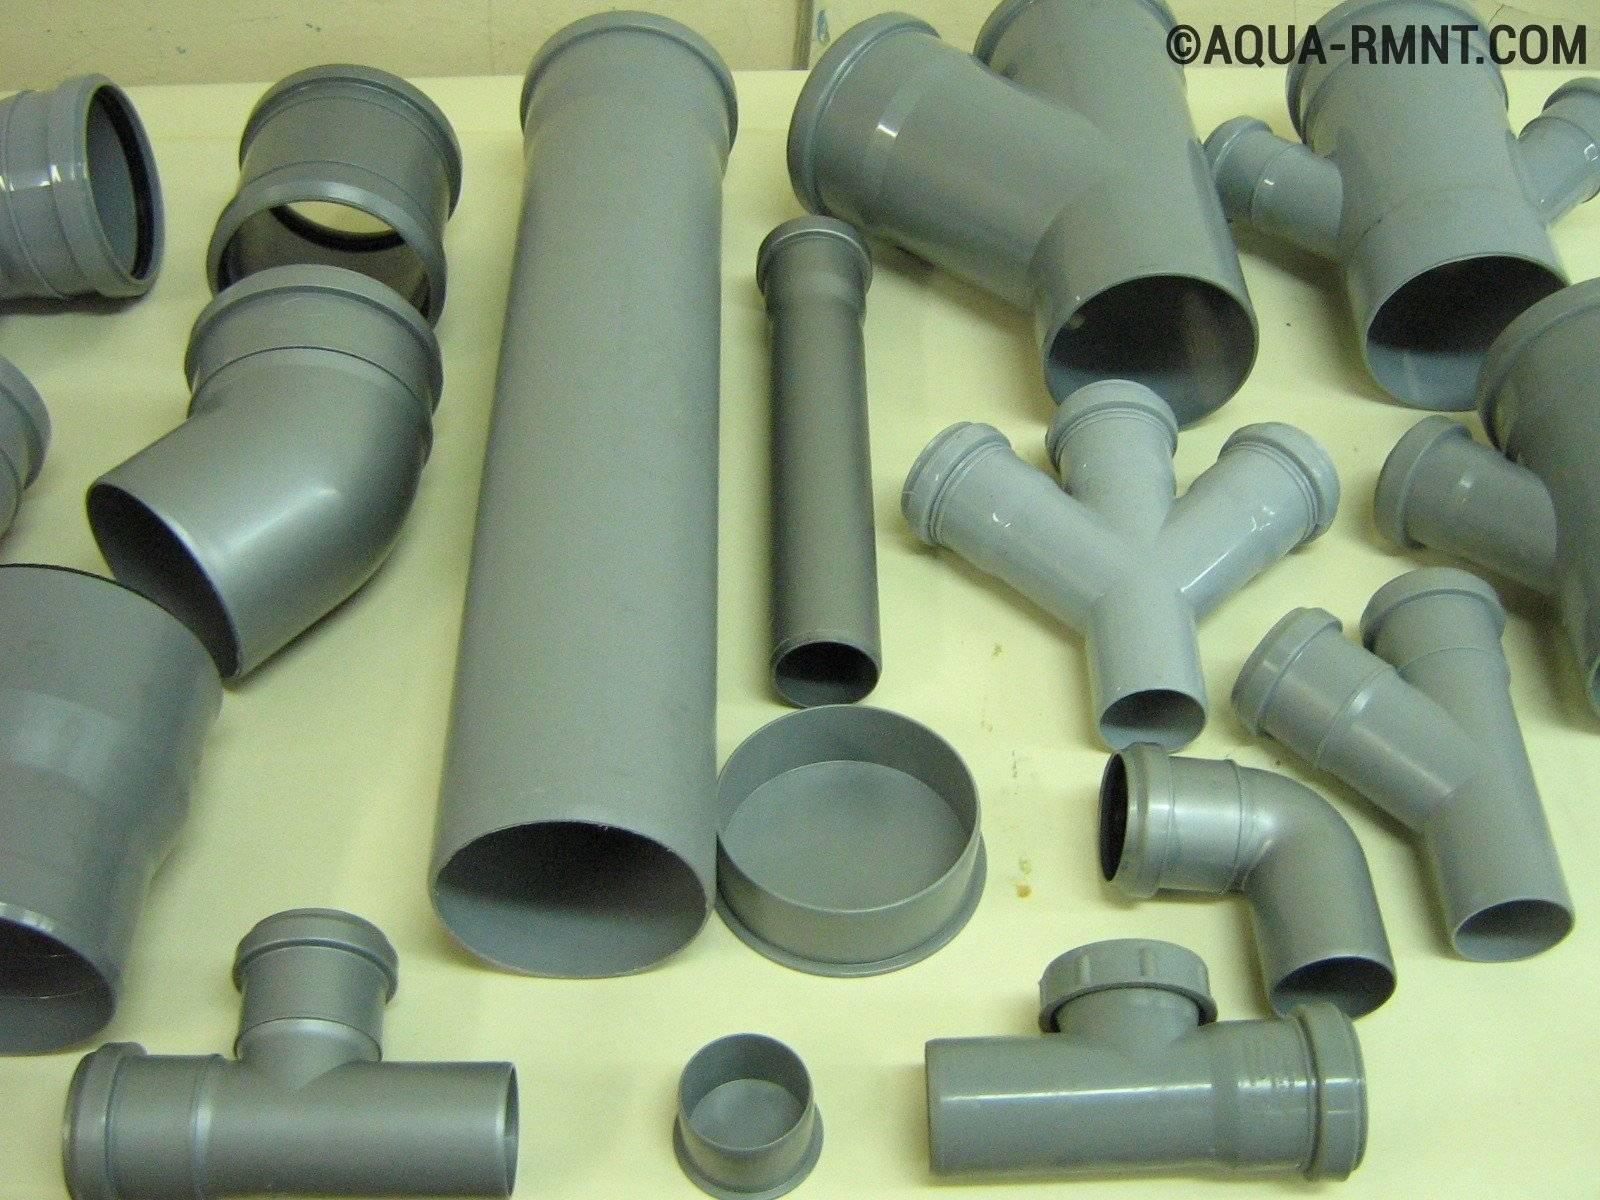 Шумоизоляция стояка и канализационных труб: 5 советов   строительный блог вити петрова